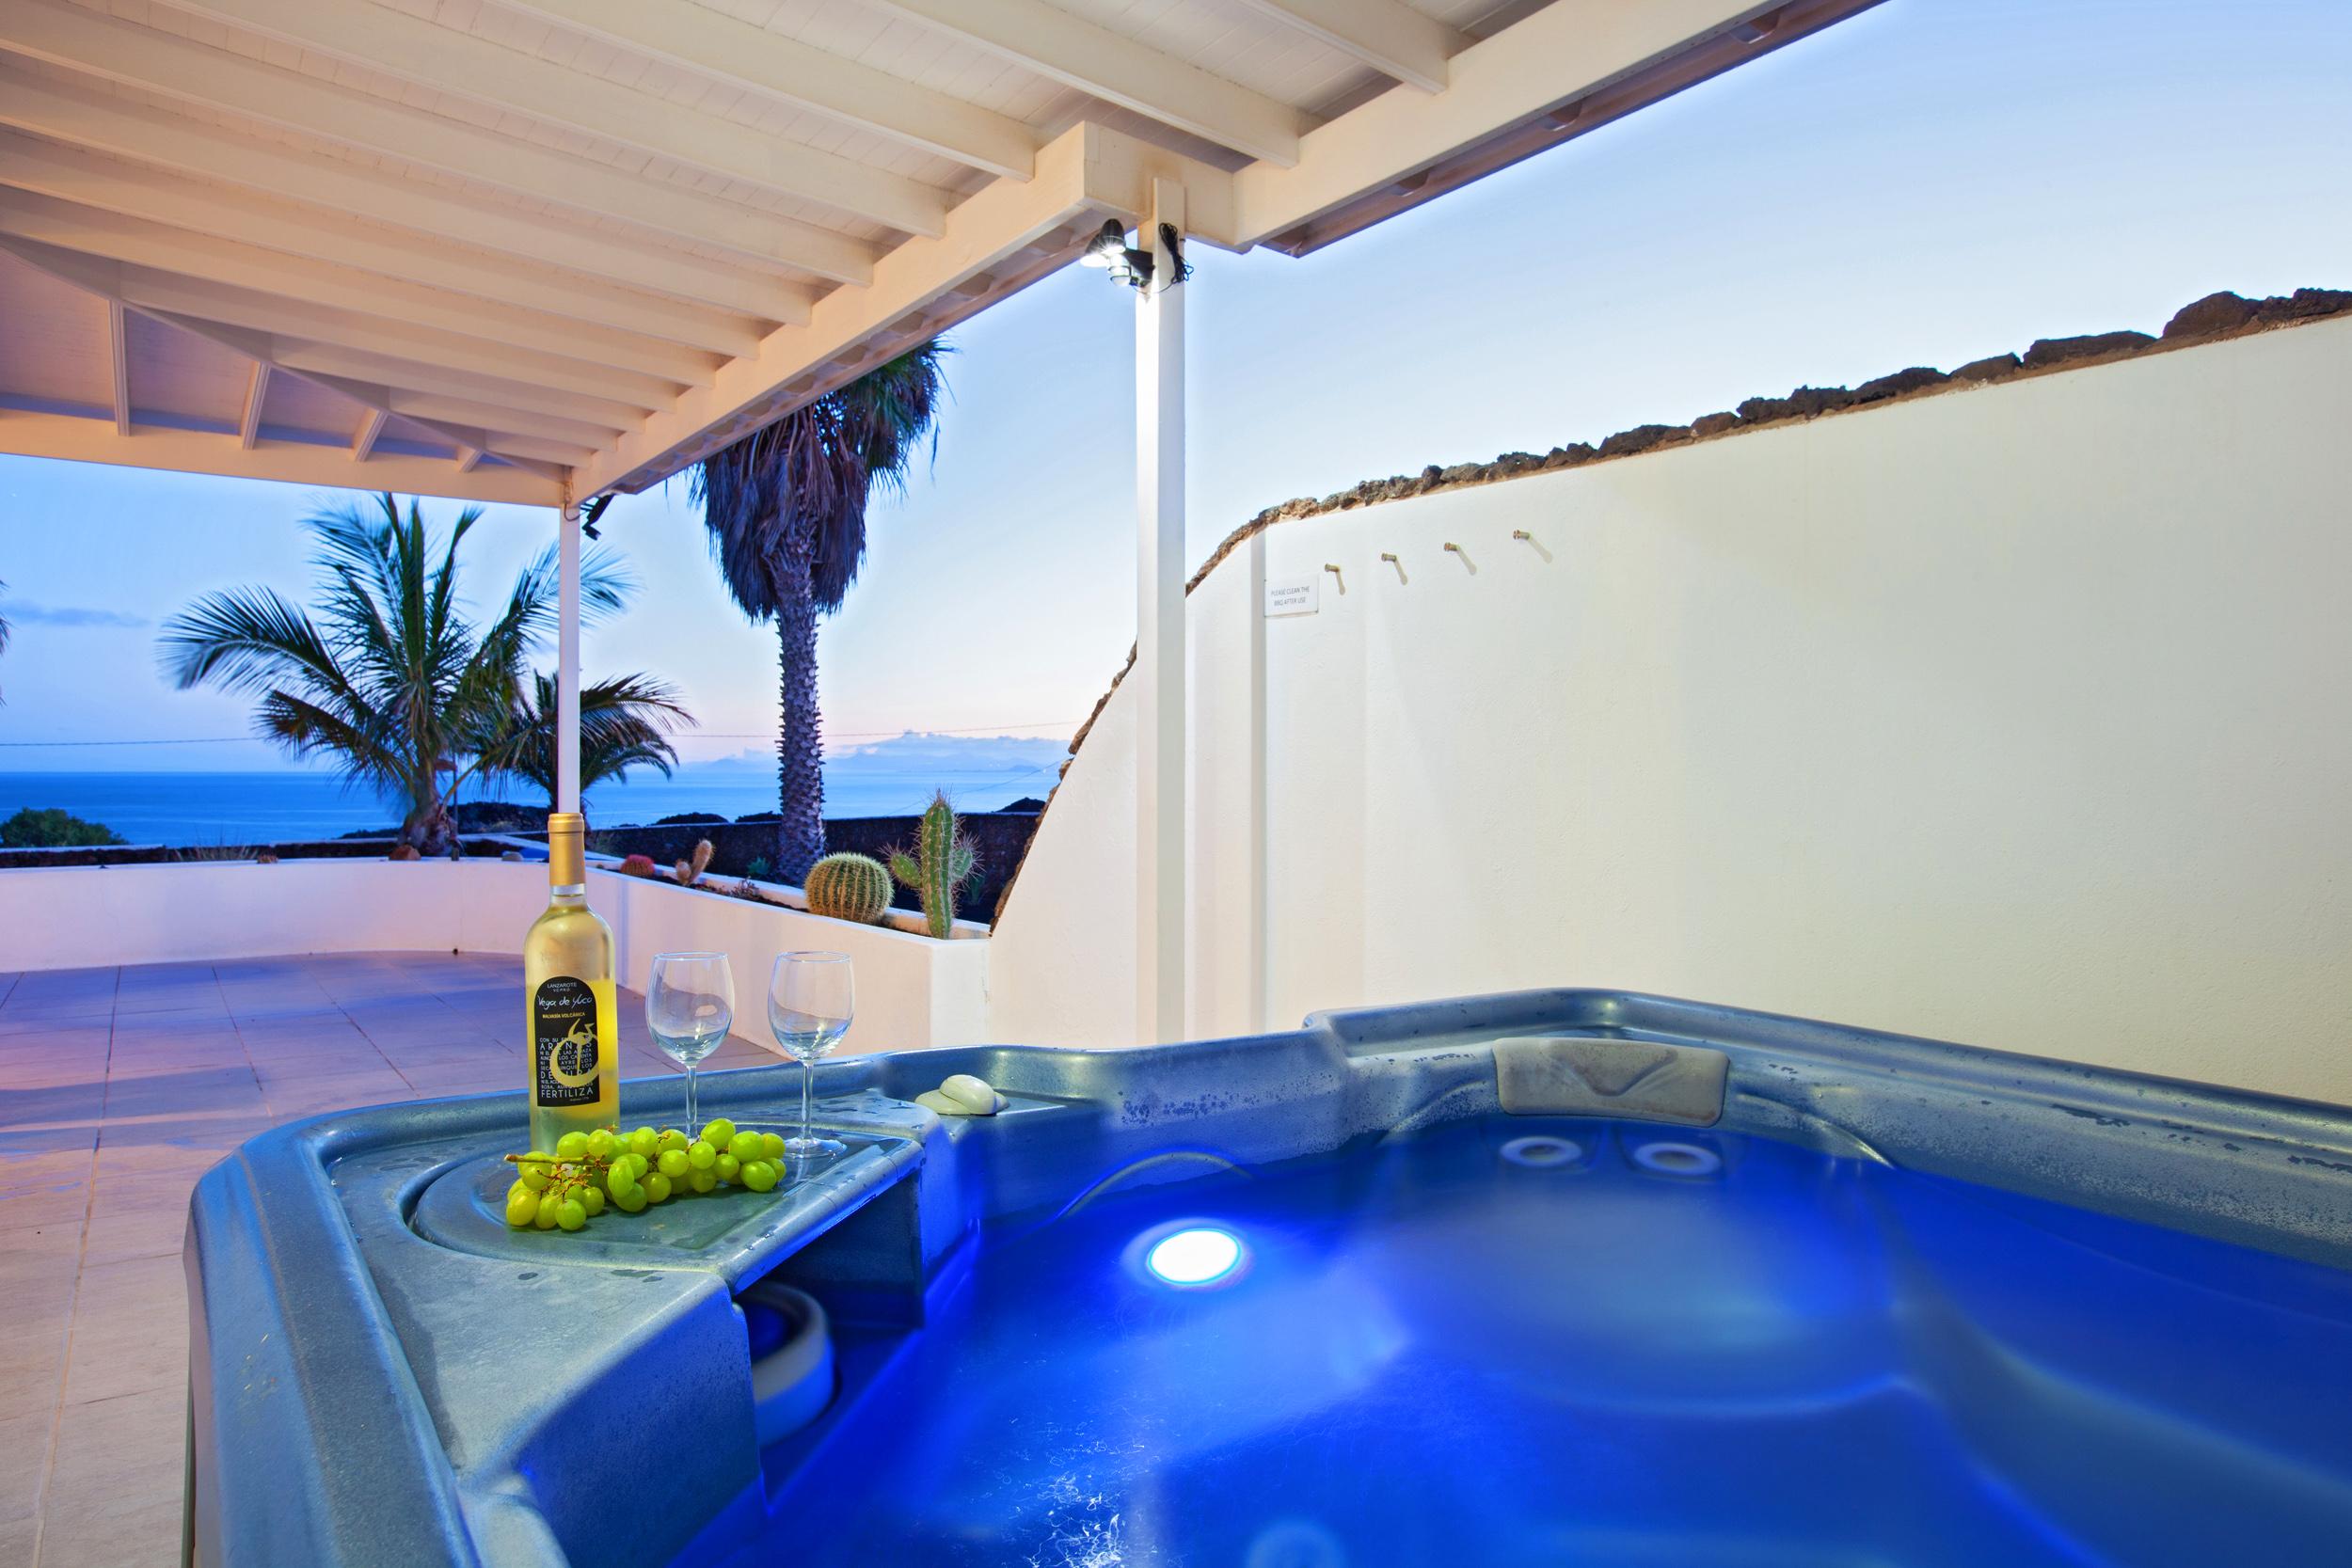 LVC198416 Hot Tub and sea views